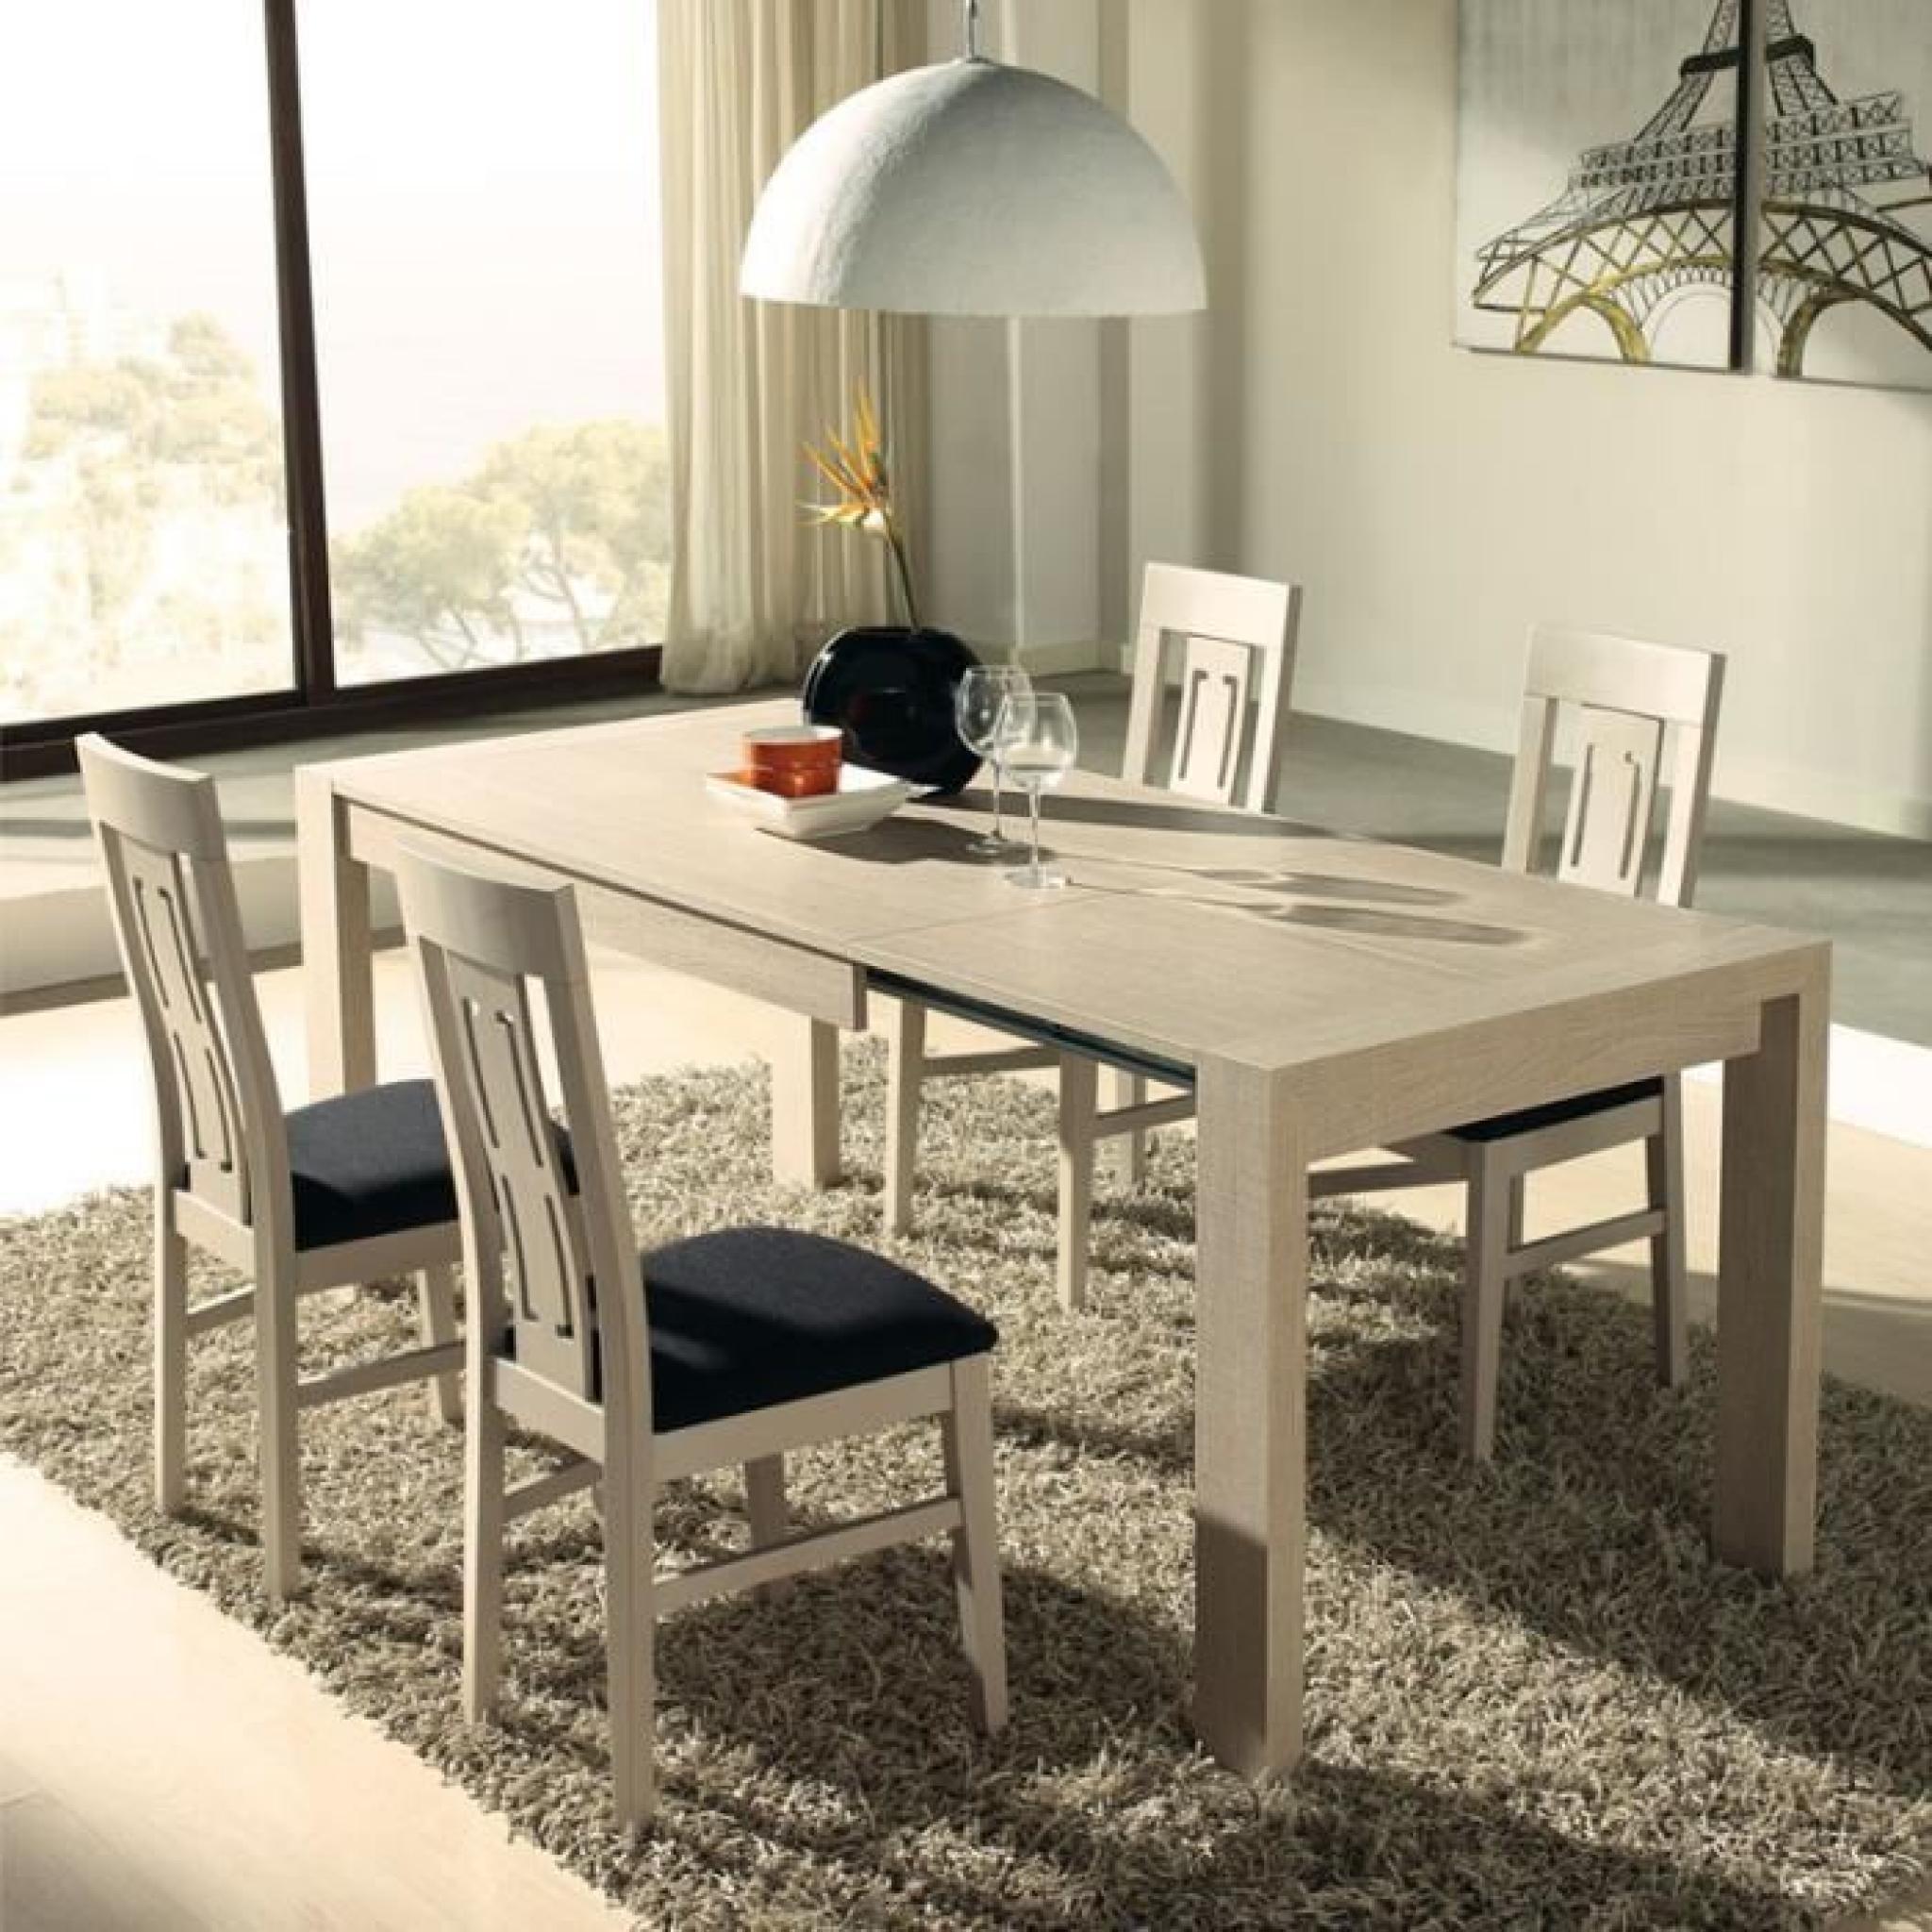 Ensemble Table à allonges & Chaises décor chêne clair - AFIA ...